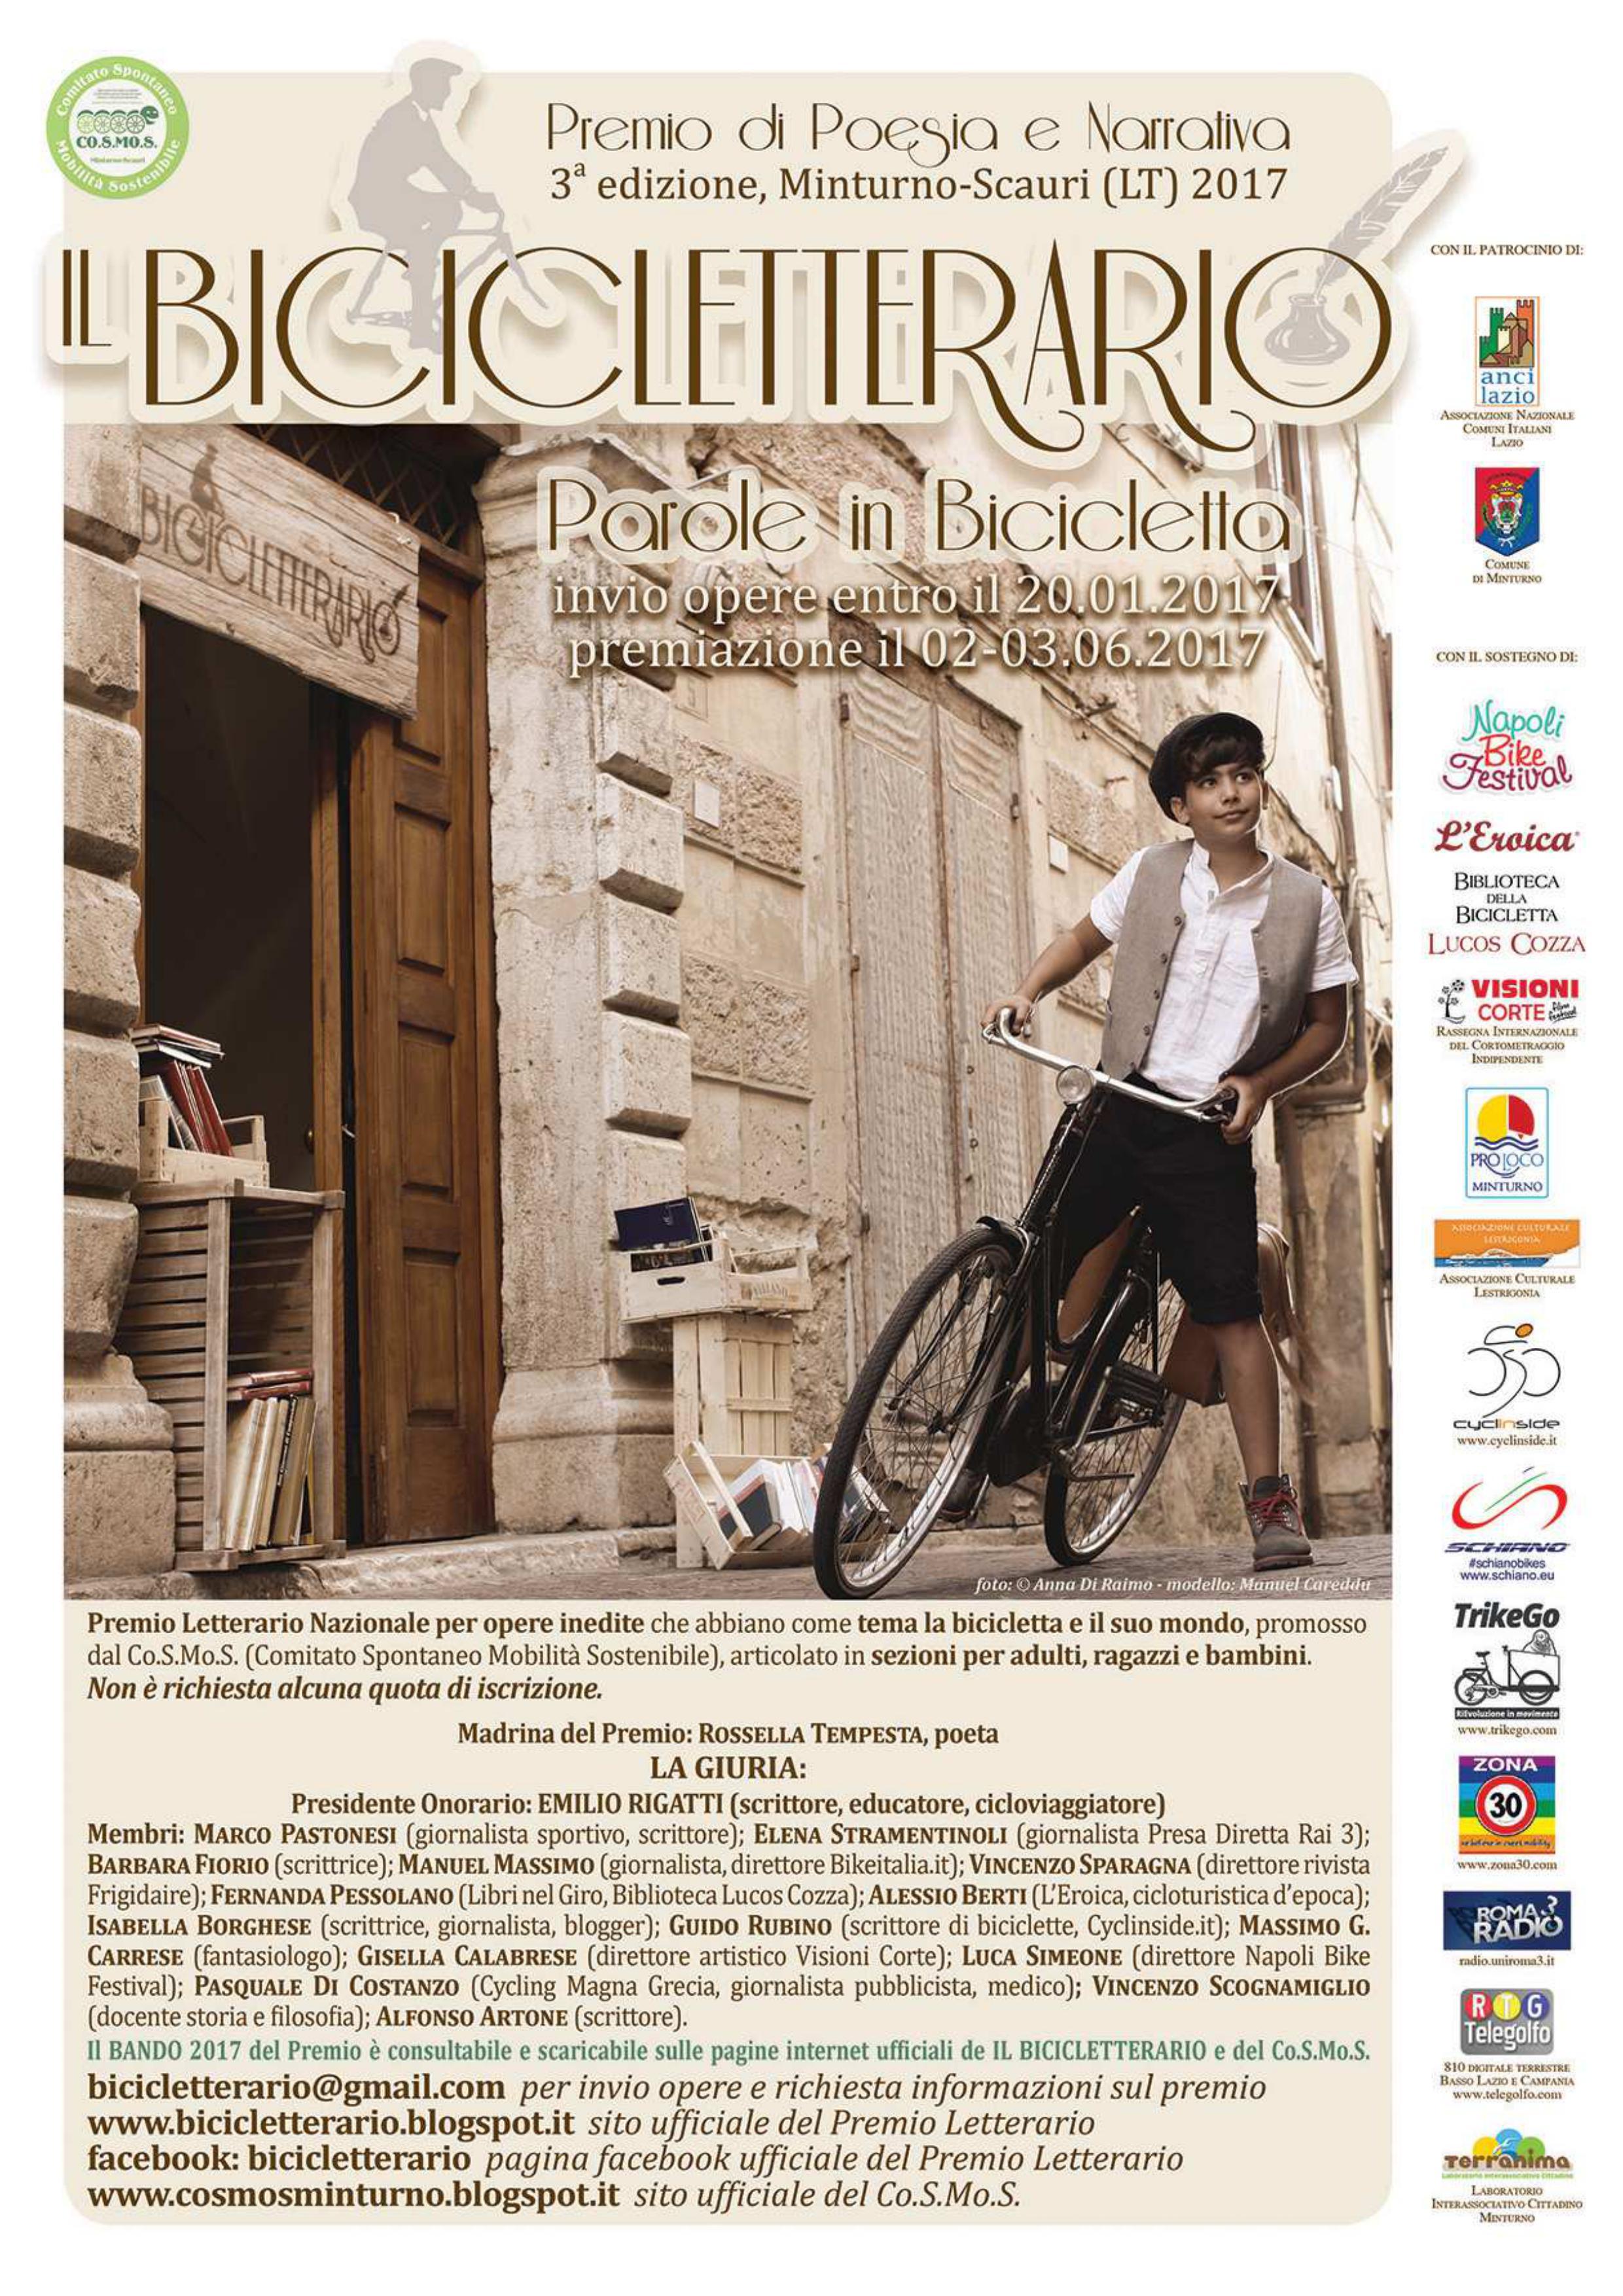 IL BICICLETTARIO - parole in bicicletta - Premio Nazionale poesia e narrativa III edizione